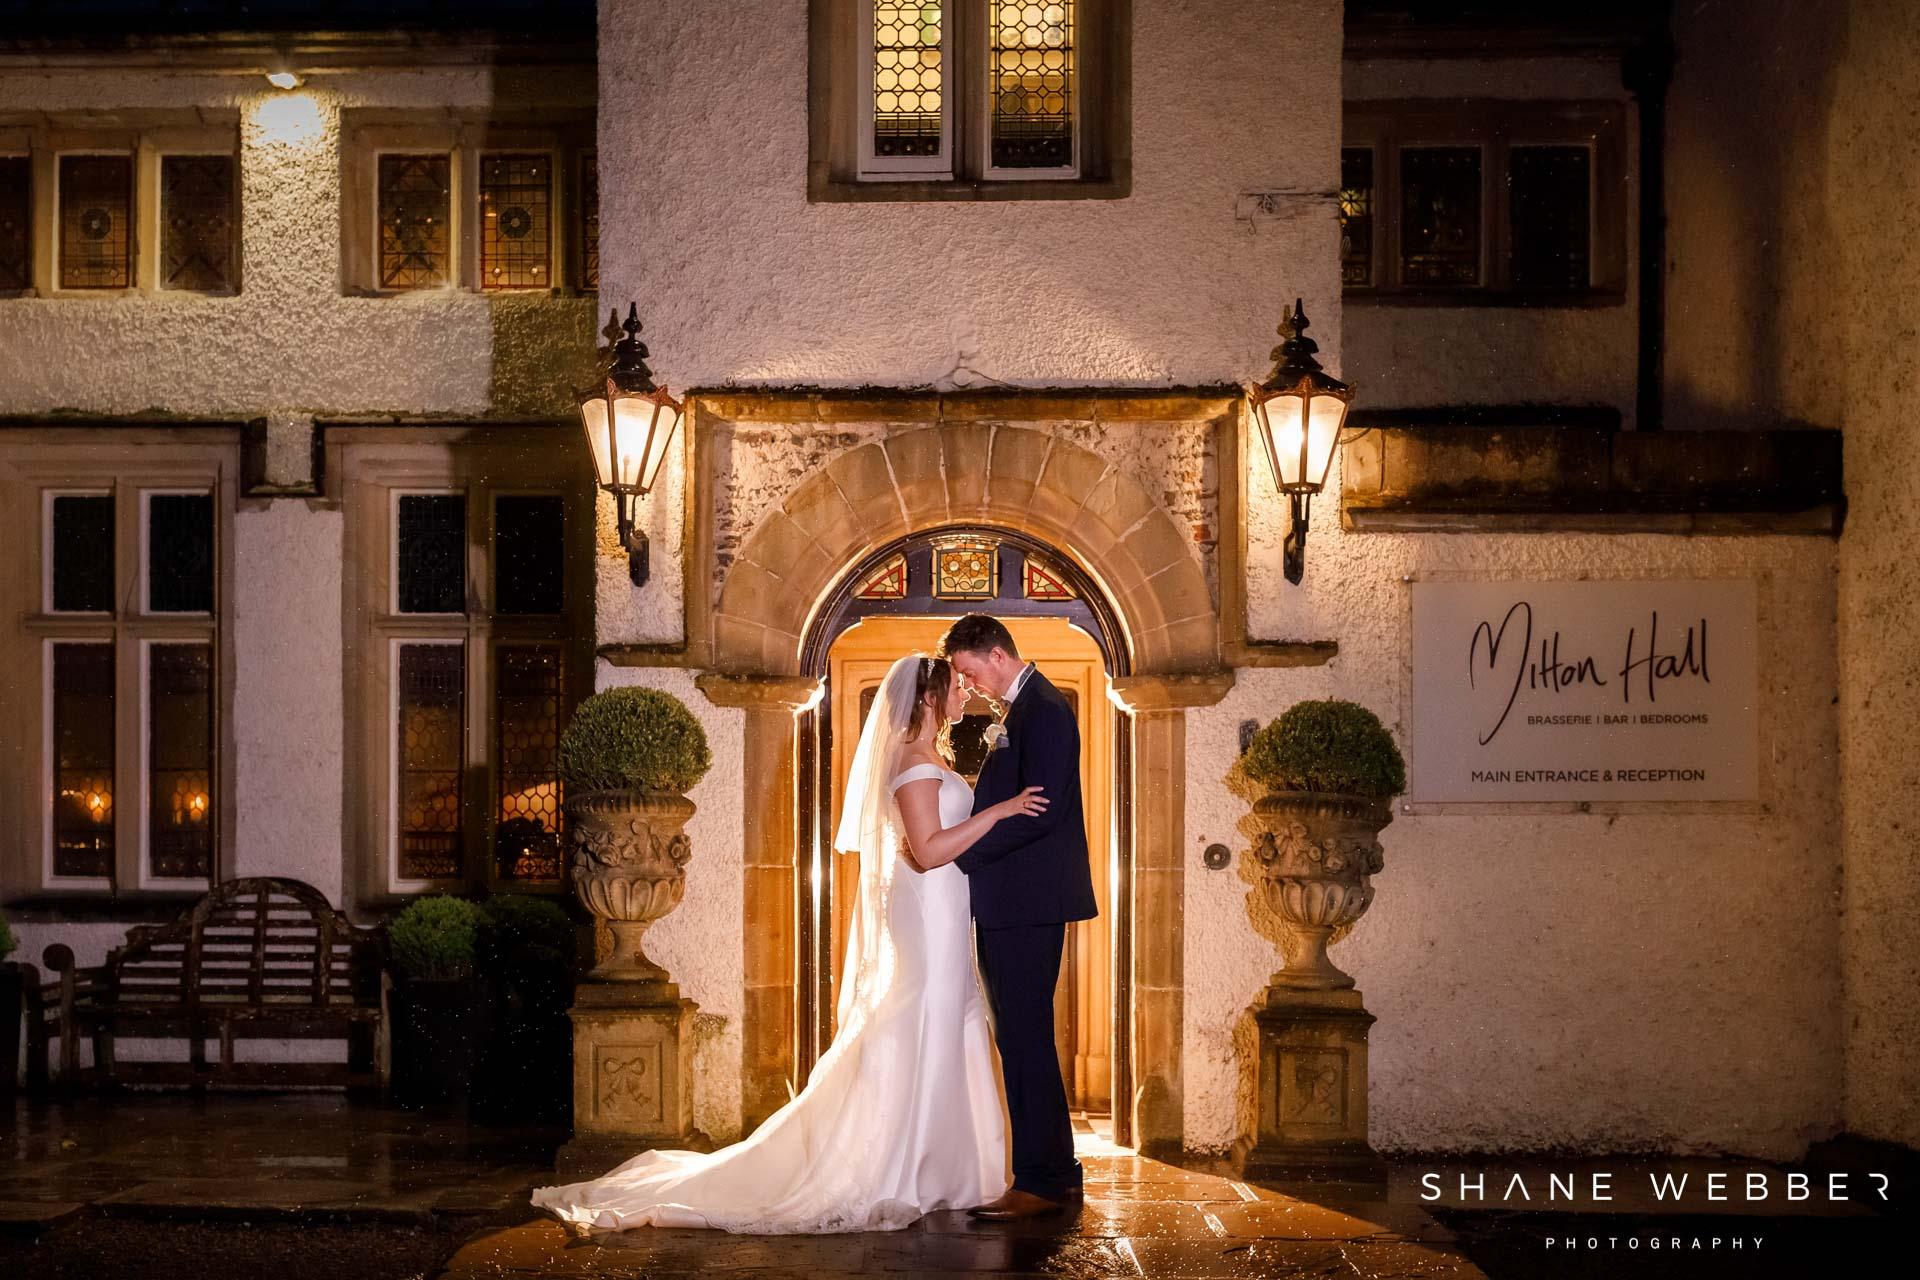 Mitton Hall wedding venue